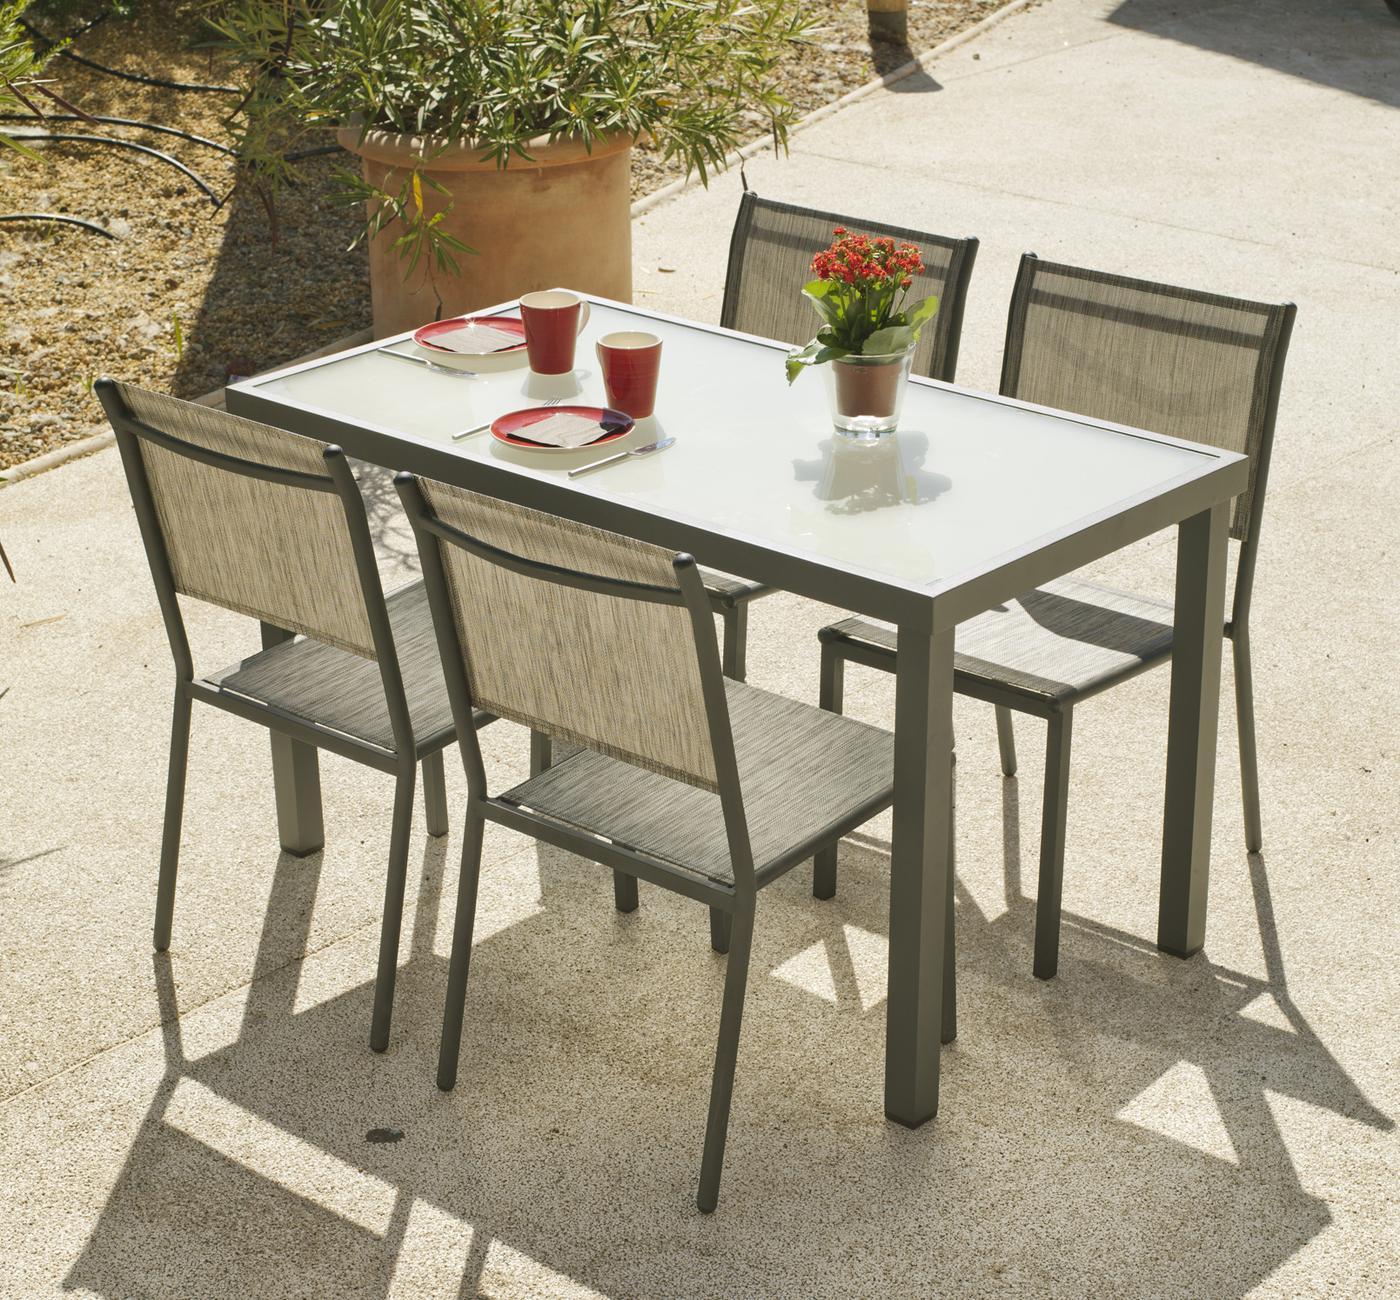 b16679077 Muebles de Terraza y Jardín de Aluminio Online « Muebles Online - Muebles  Peymar